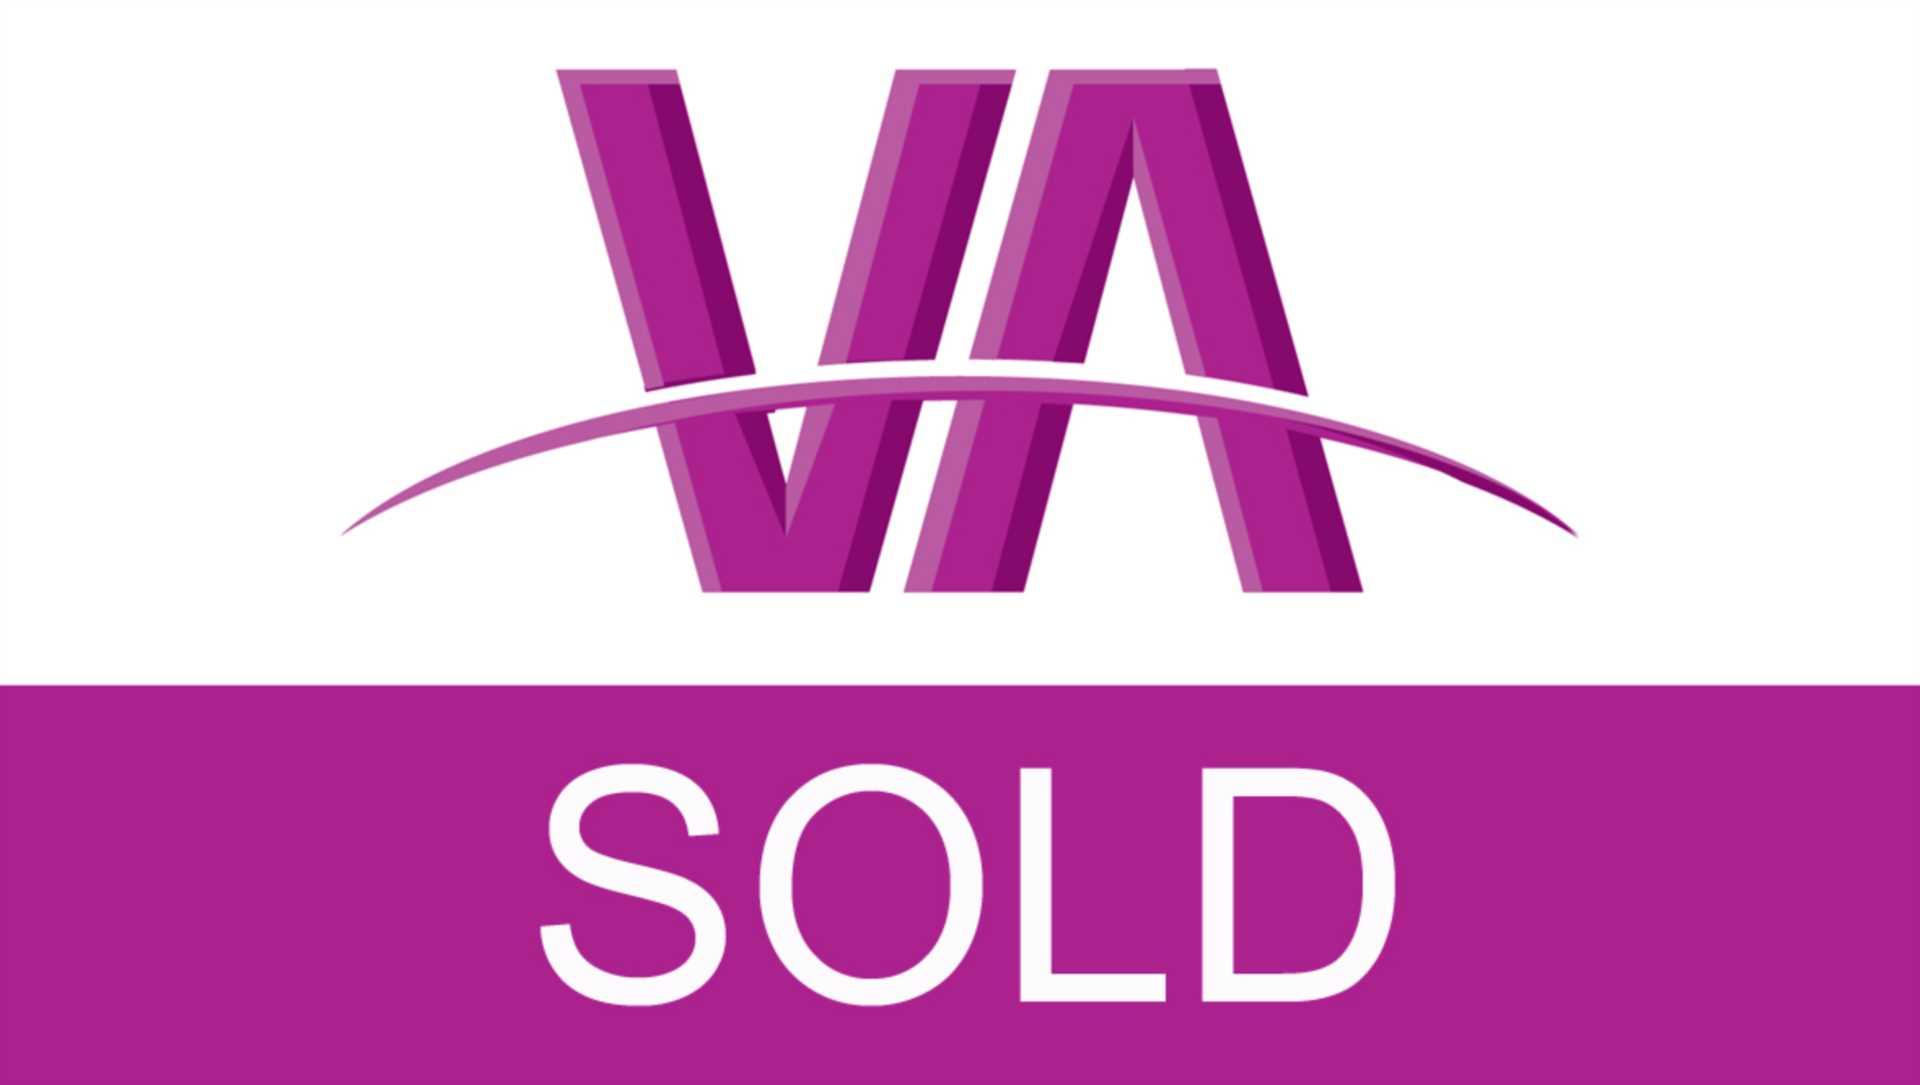 The Big VA Sale